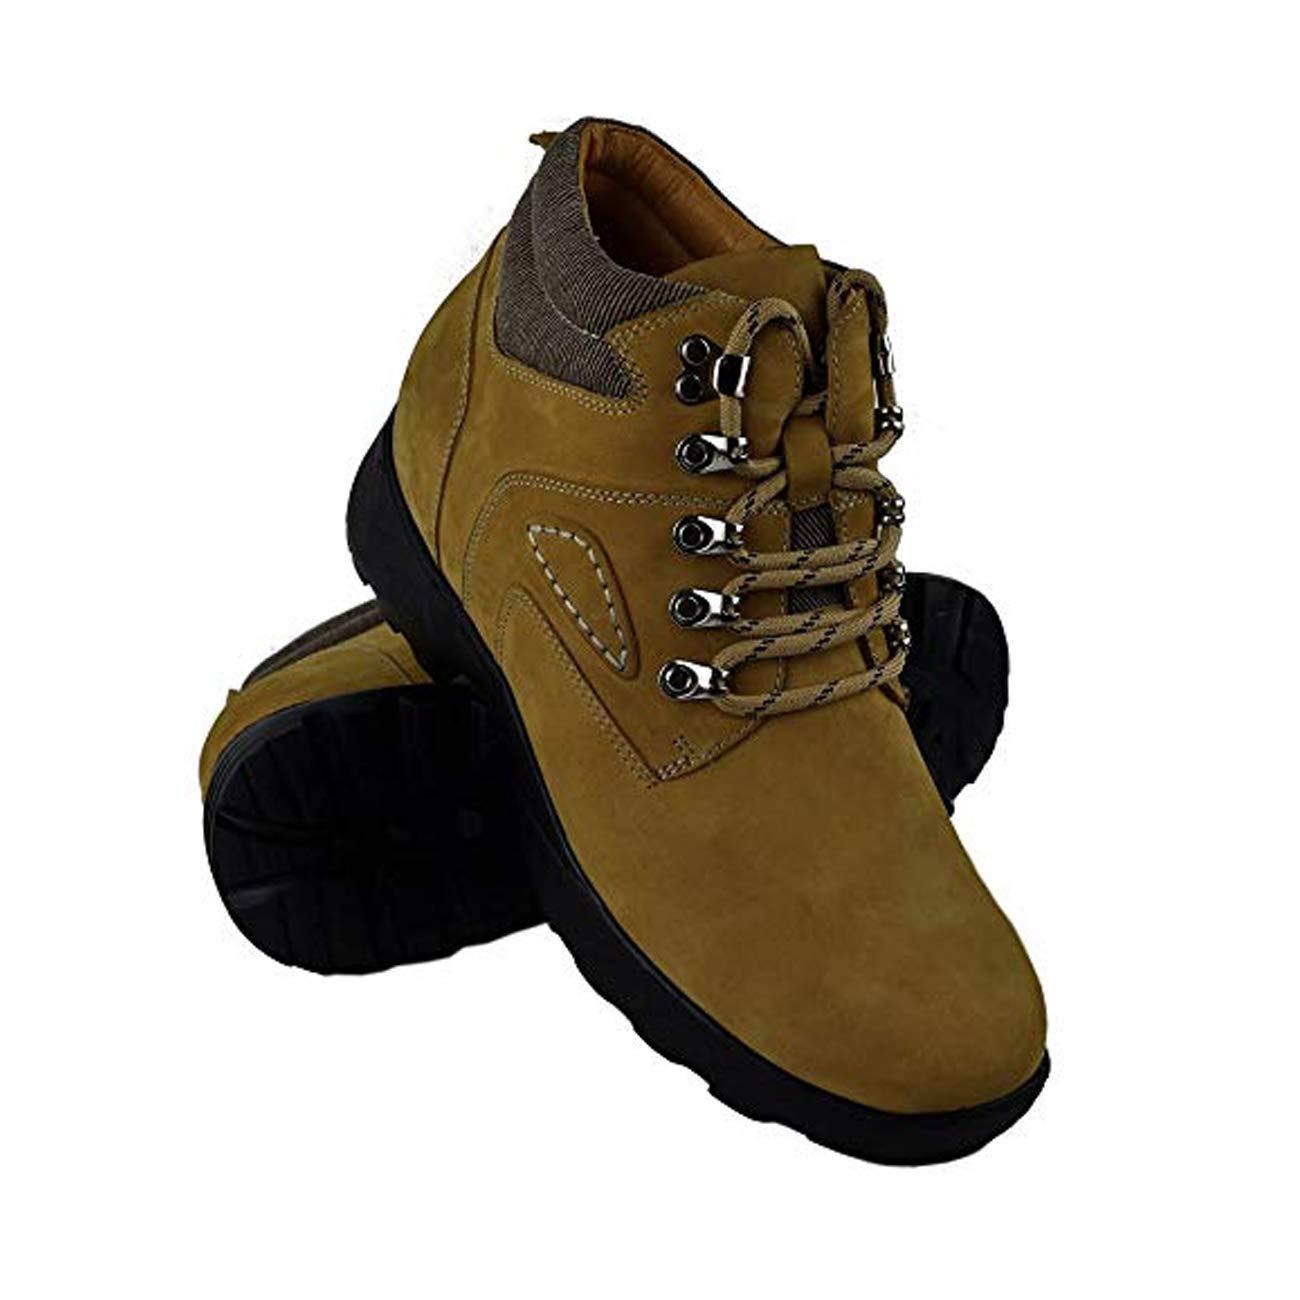 TALLA 39 EU. ZERIMAR Botas con Alzas Interiores para Hombres Aumento 8 cm | Zapatos de Hombre con Alzas Que Aumentan Su Altura | Zapatos Hombre | Zapatos Hombre Casuales